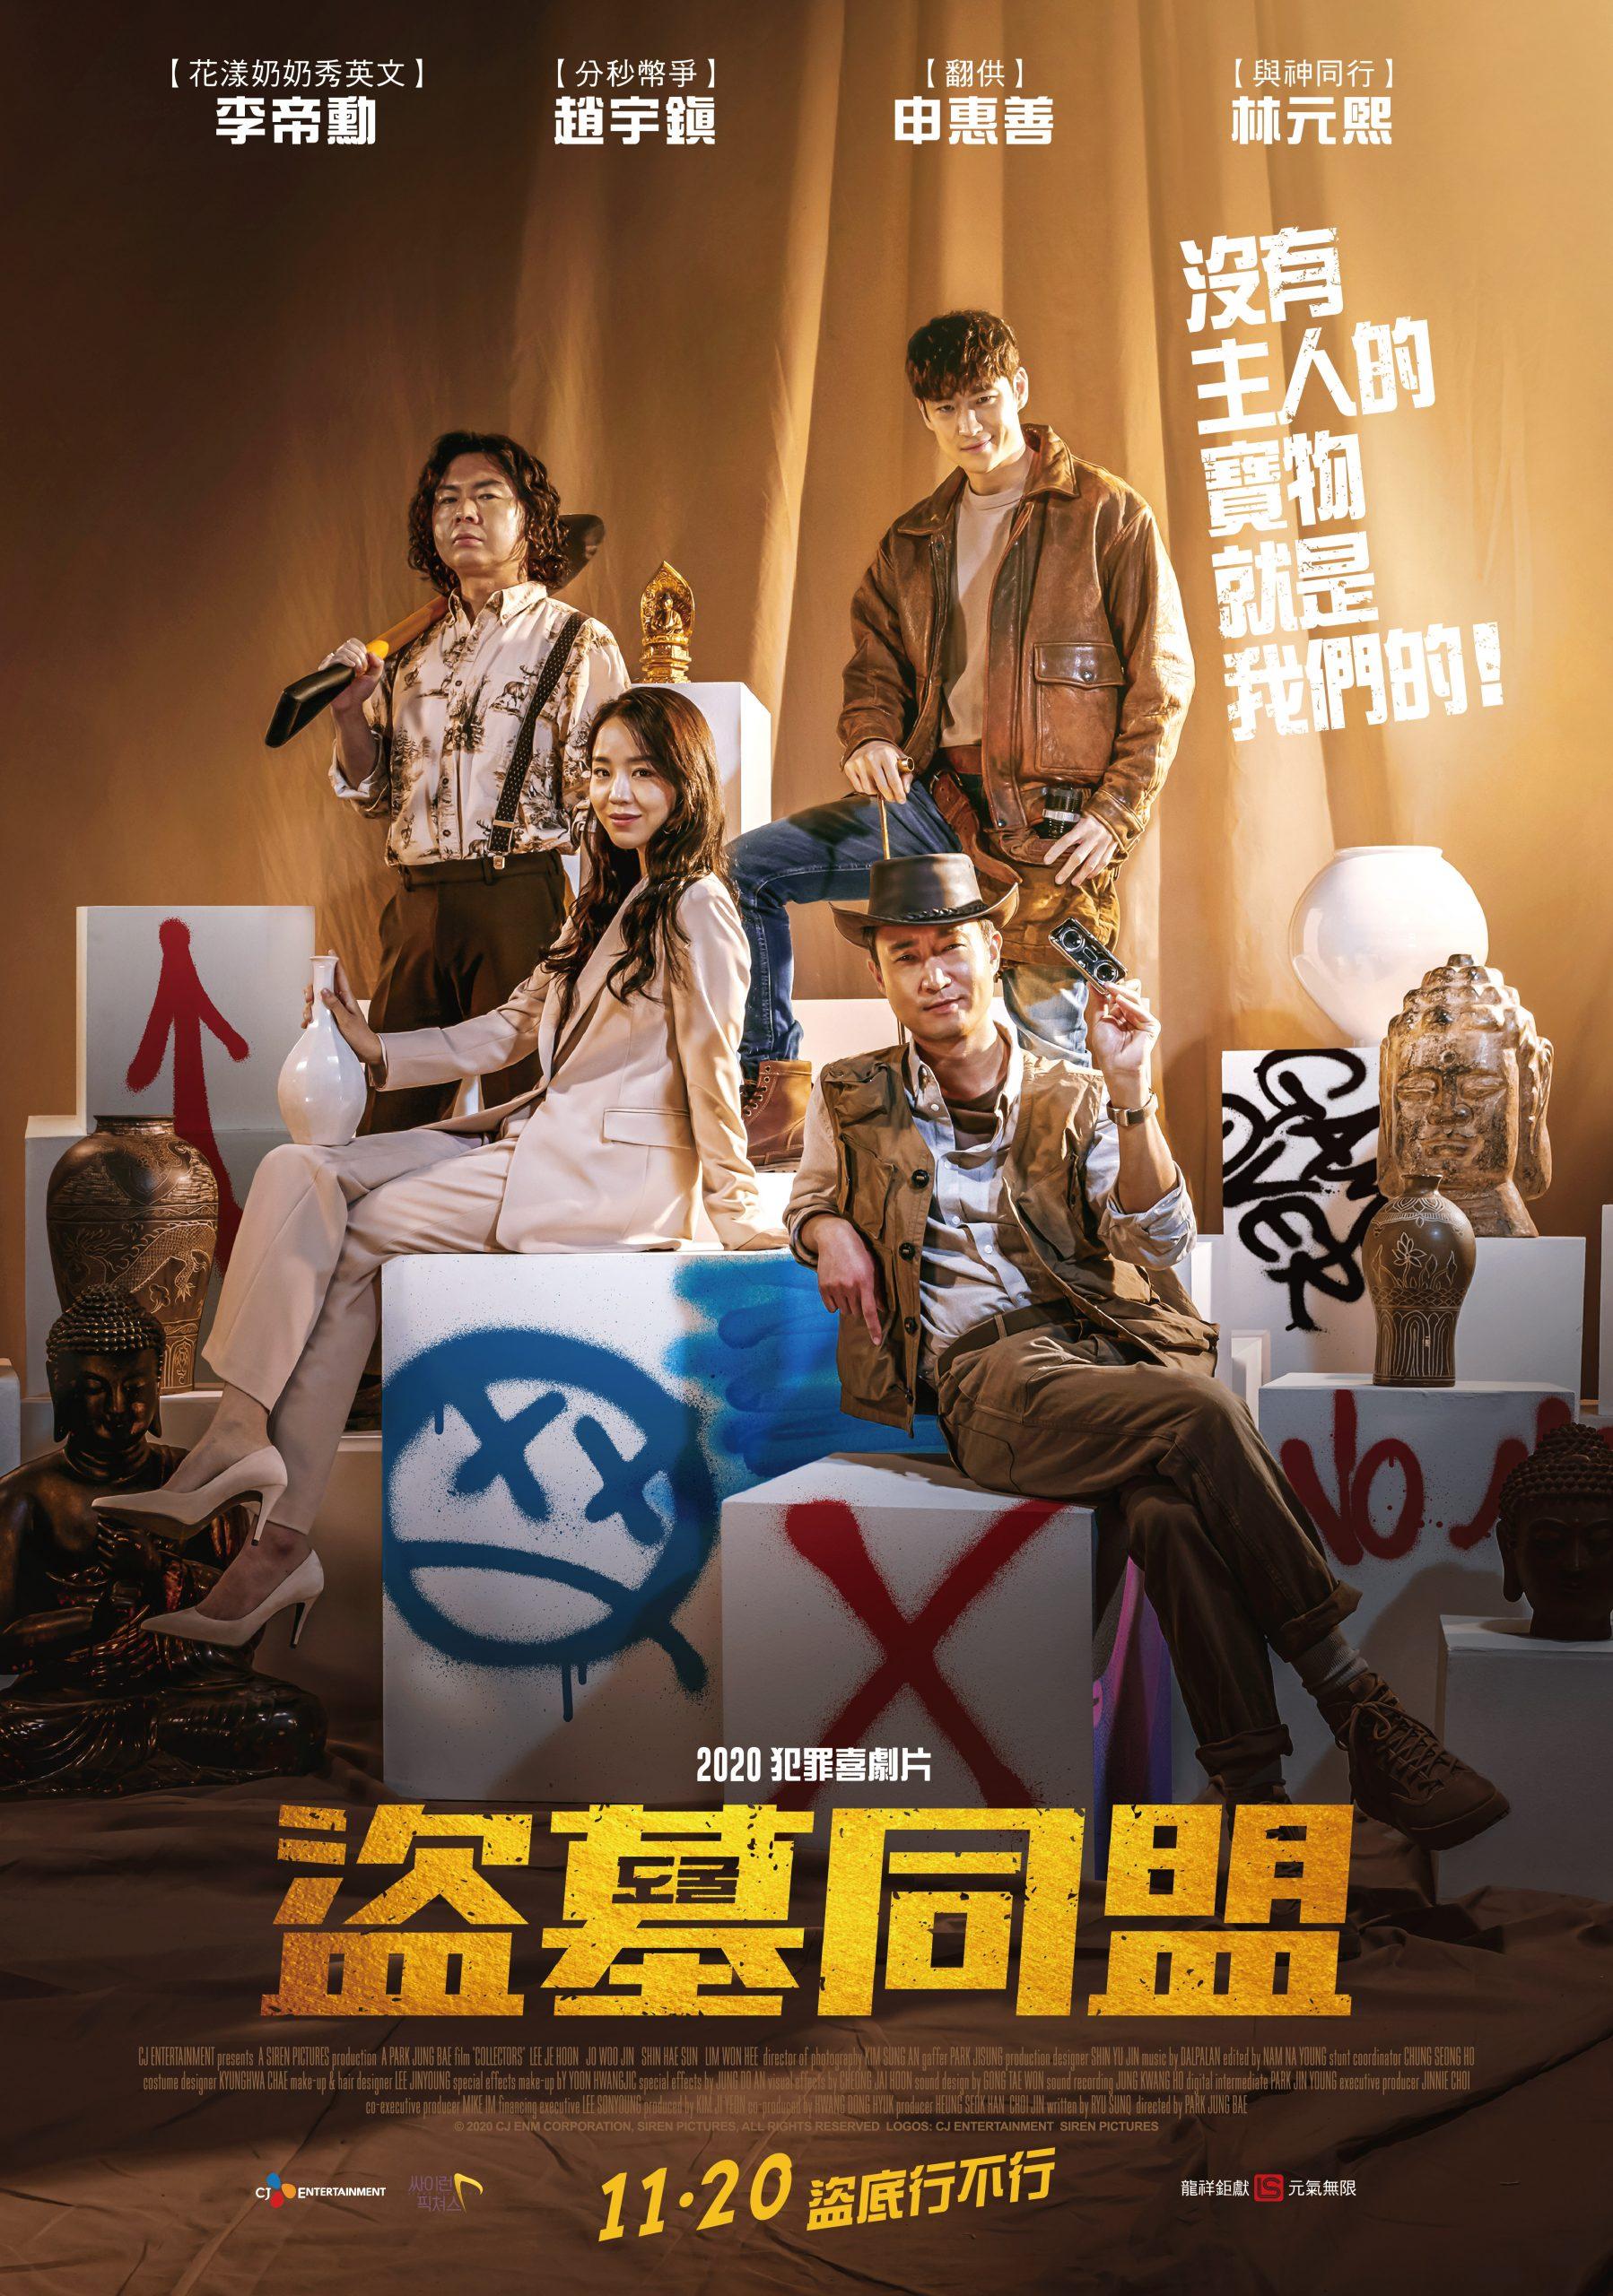 【2020韓國電影贈票】盜墓同盟|도굴| Collectors|11月20日 全台上映 @GINA環球旅行生活|不會韓文也可以去韓國 🇹🇼